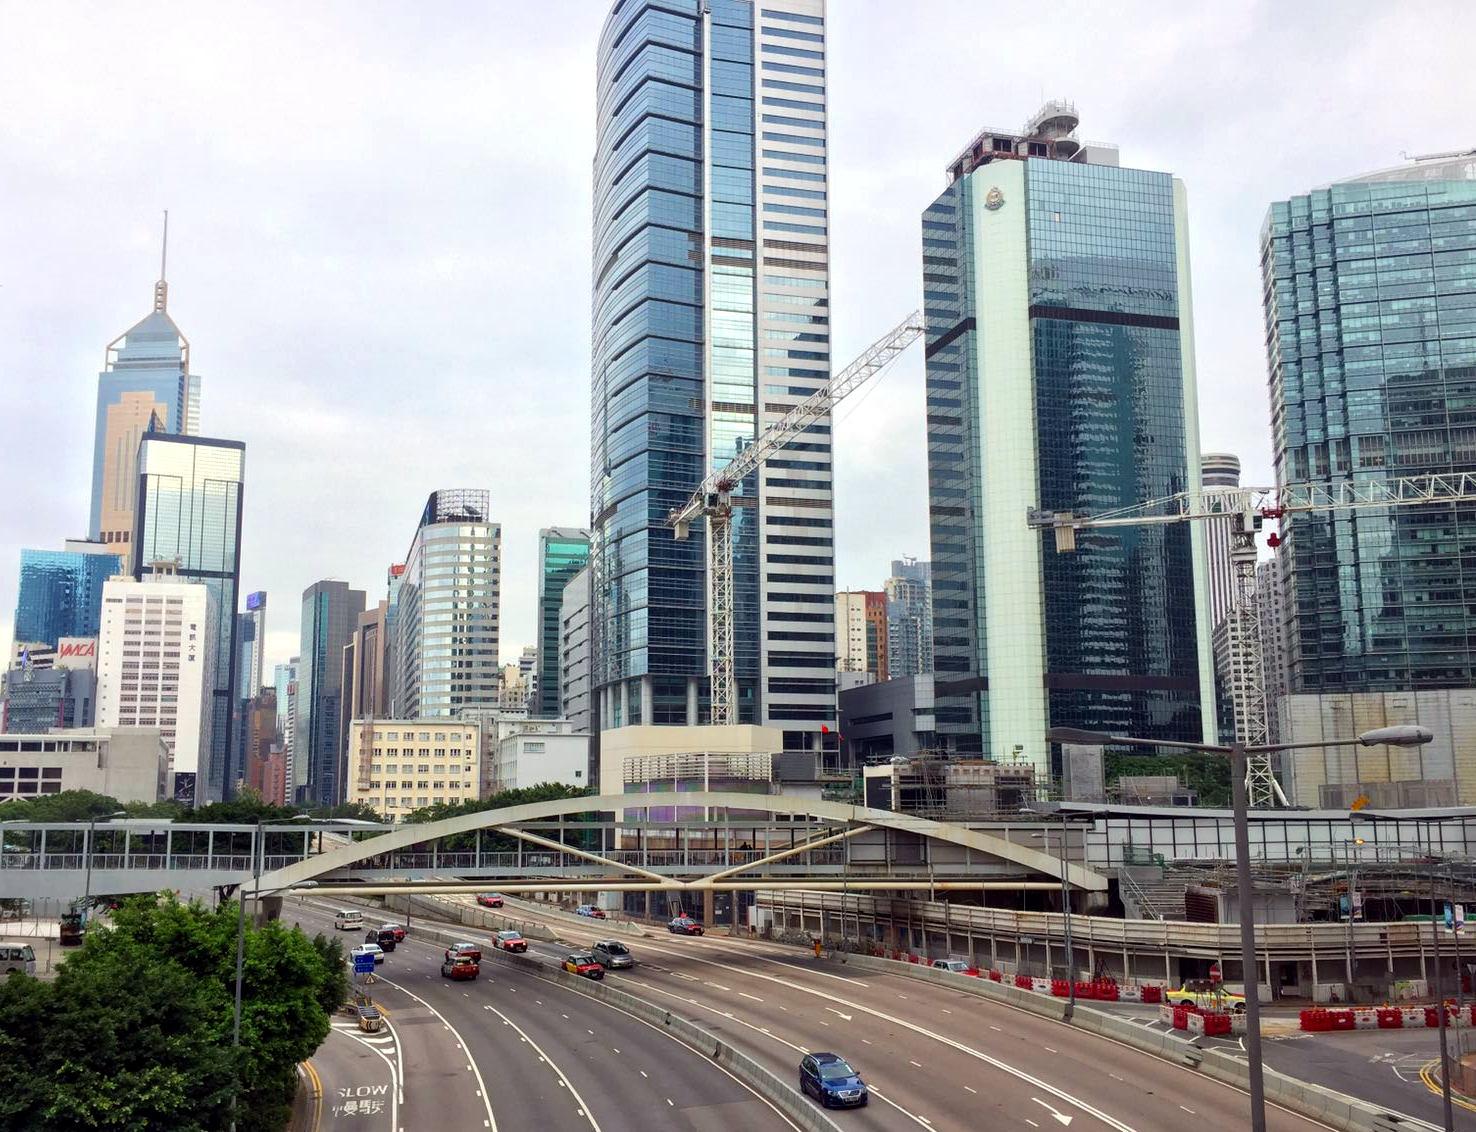 hongkong miasto ulice wiezowce iglawpodrozy